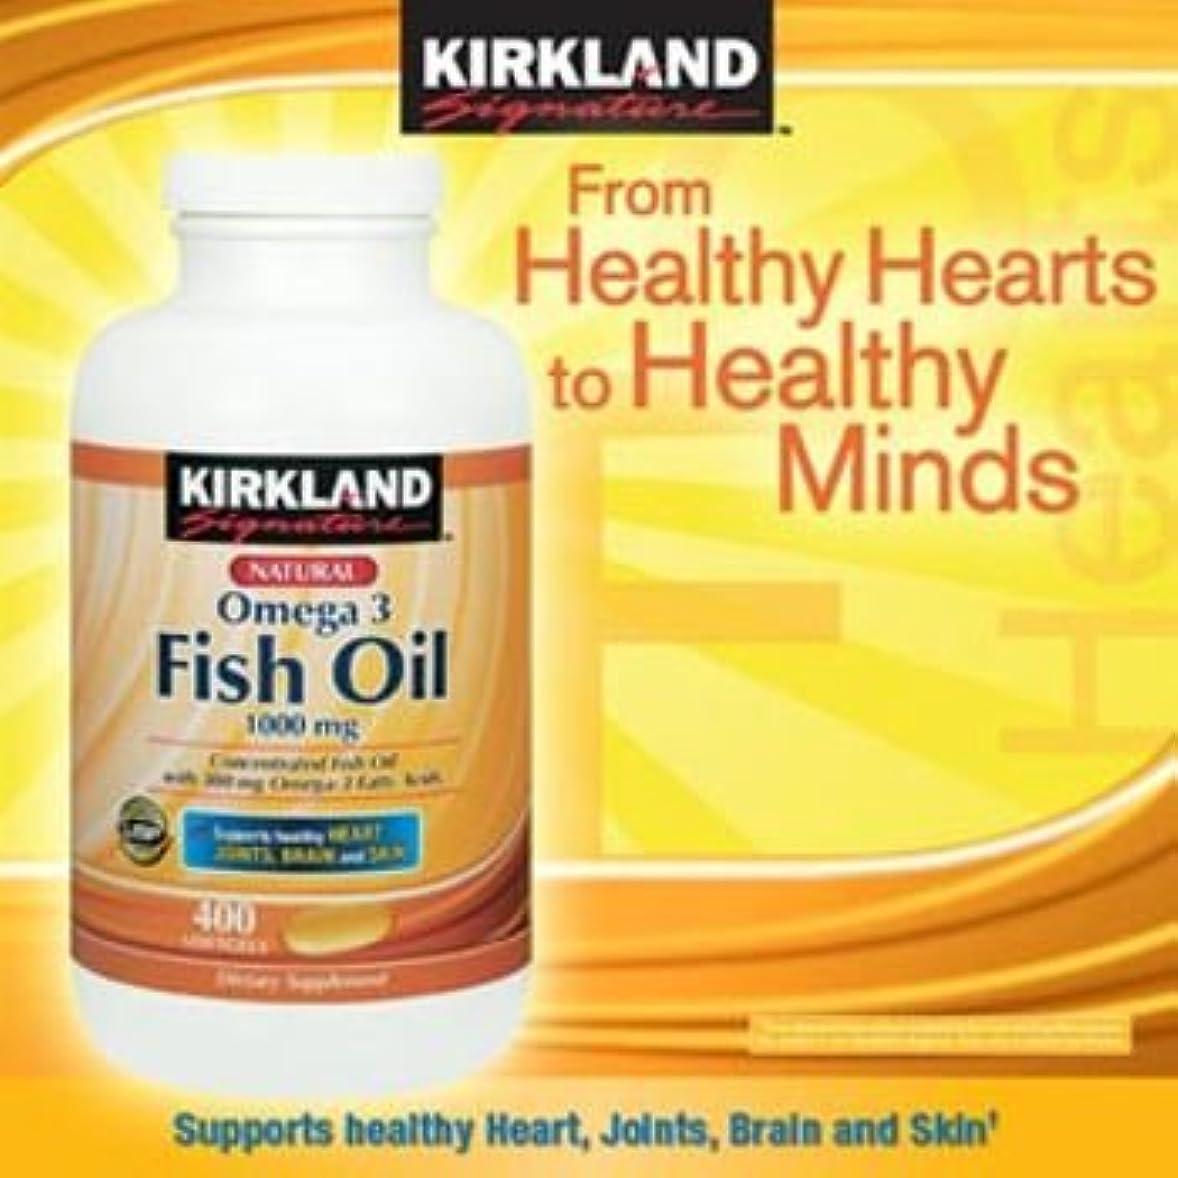 アルカイック調停するつま先KIRKLAND社 フィッシュオイル (DHA+EPA) オメガ3 1000mg 400ソフトカプセル 3本 [並行輸入品] [海外直送品] 3 Bottles of KIRKLAND's Fish Oil (DHA +...